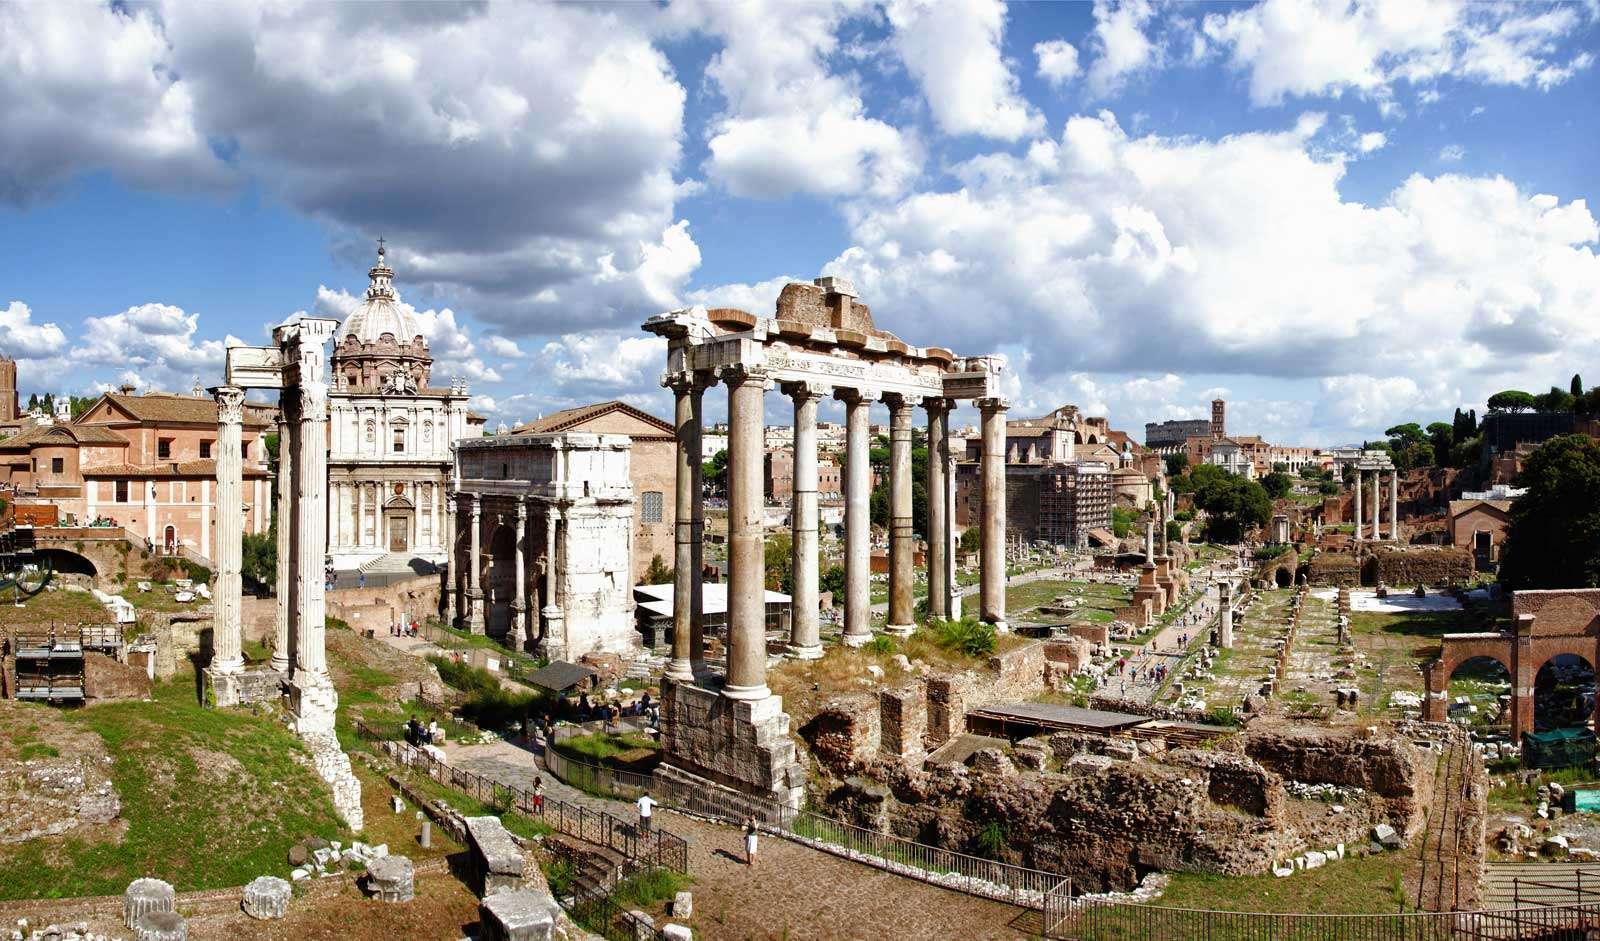 Foro_Romano_Forum_Romanum_Roman_Forum_(8043630550)